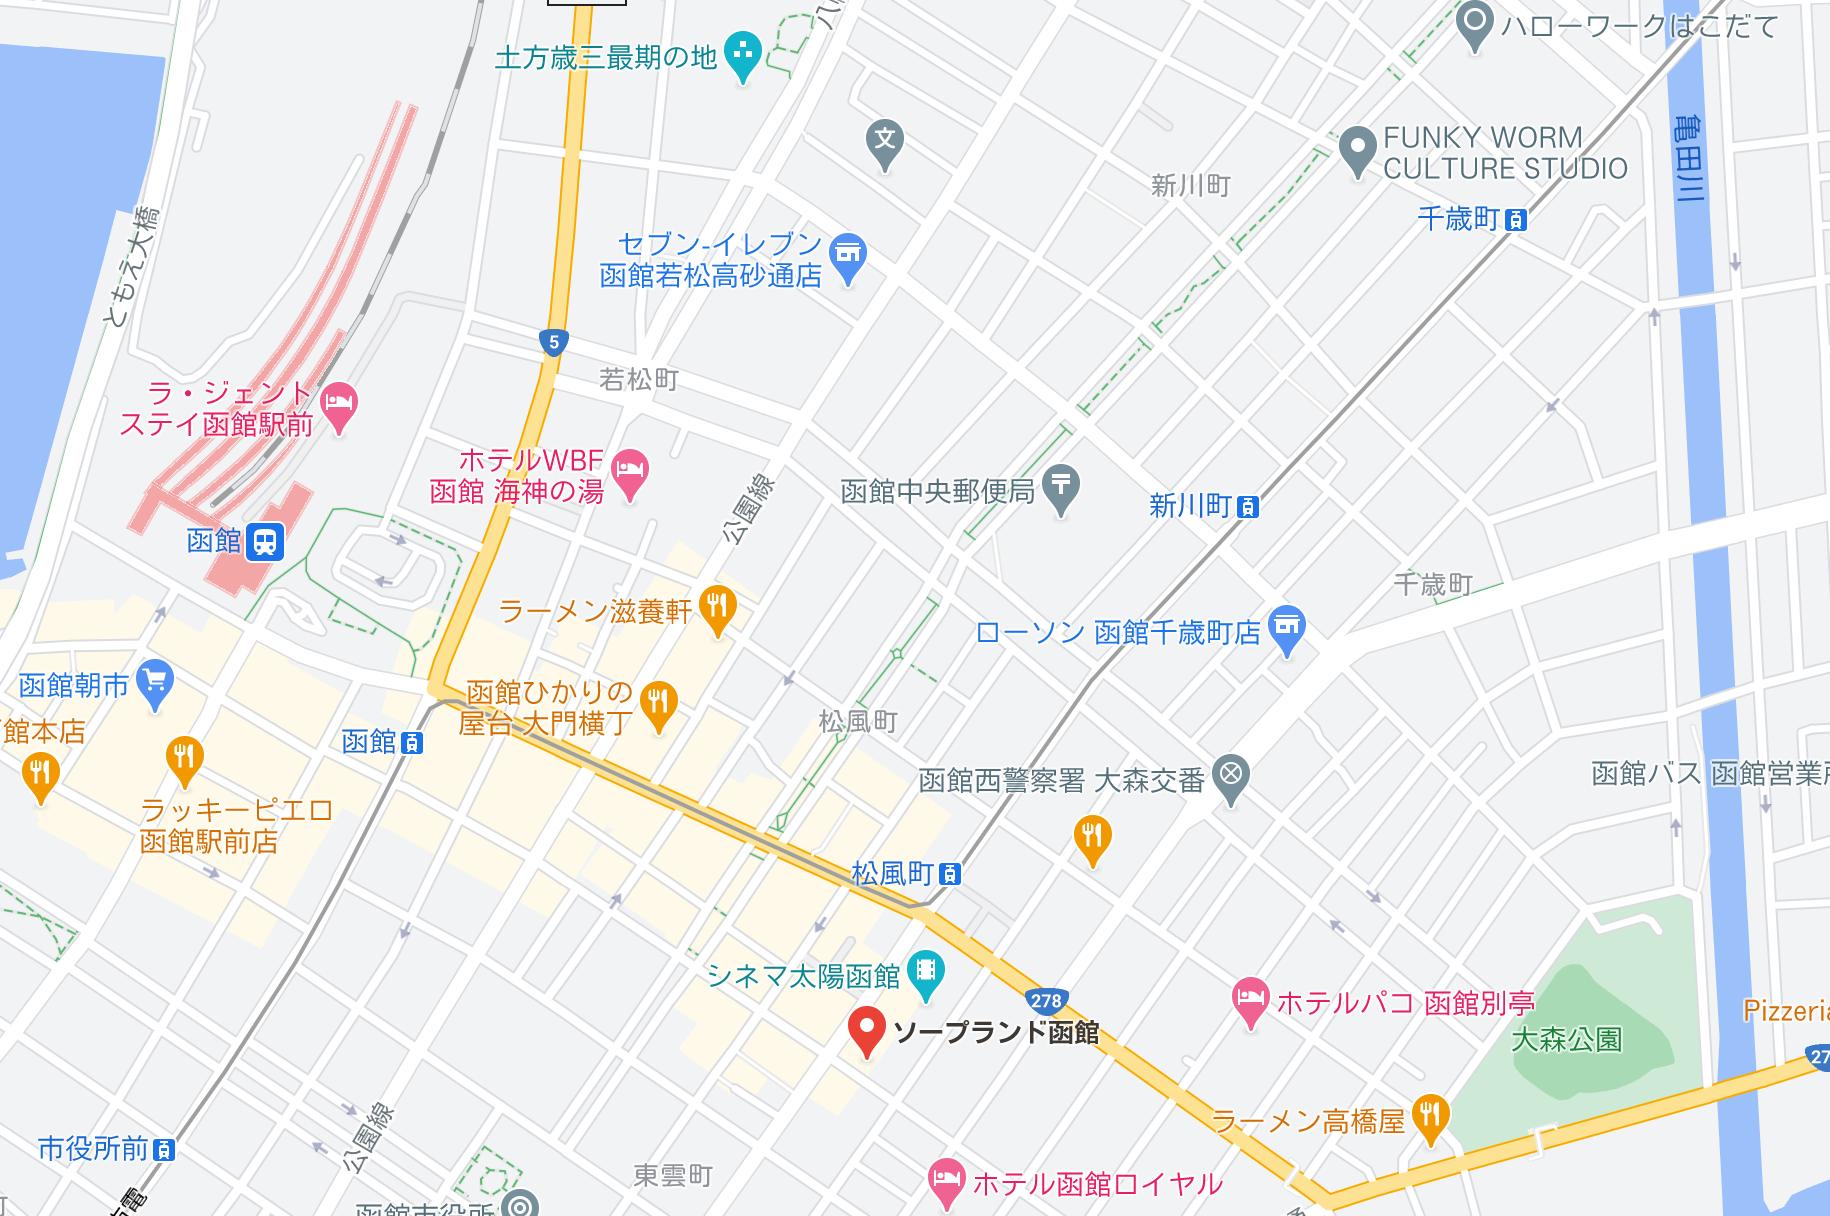 函館 風俗